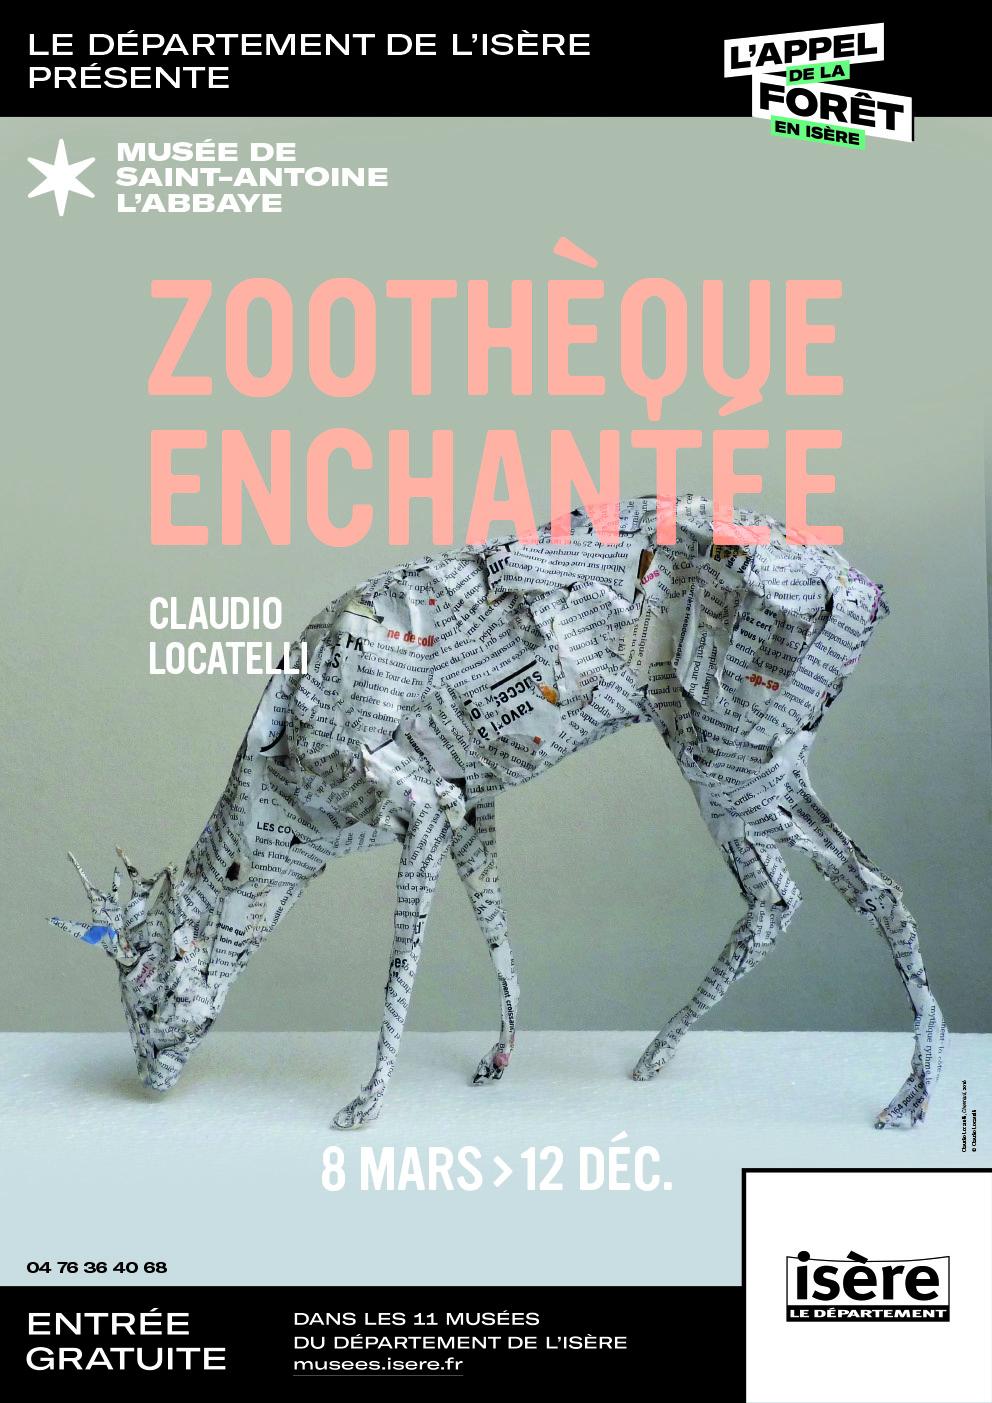 """Exposition """"La zoothèque enchantée"""", Musée Saint-Antoine l'Abbaye"""